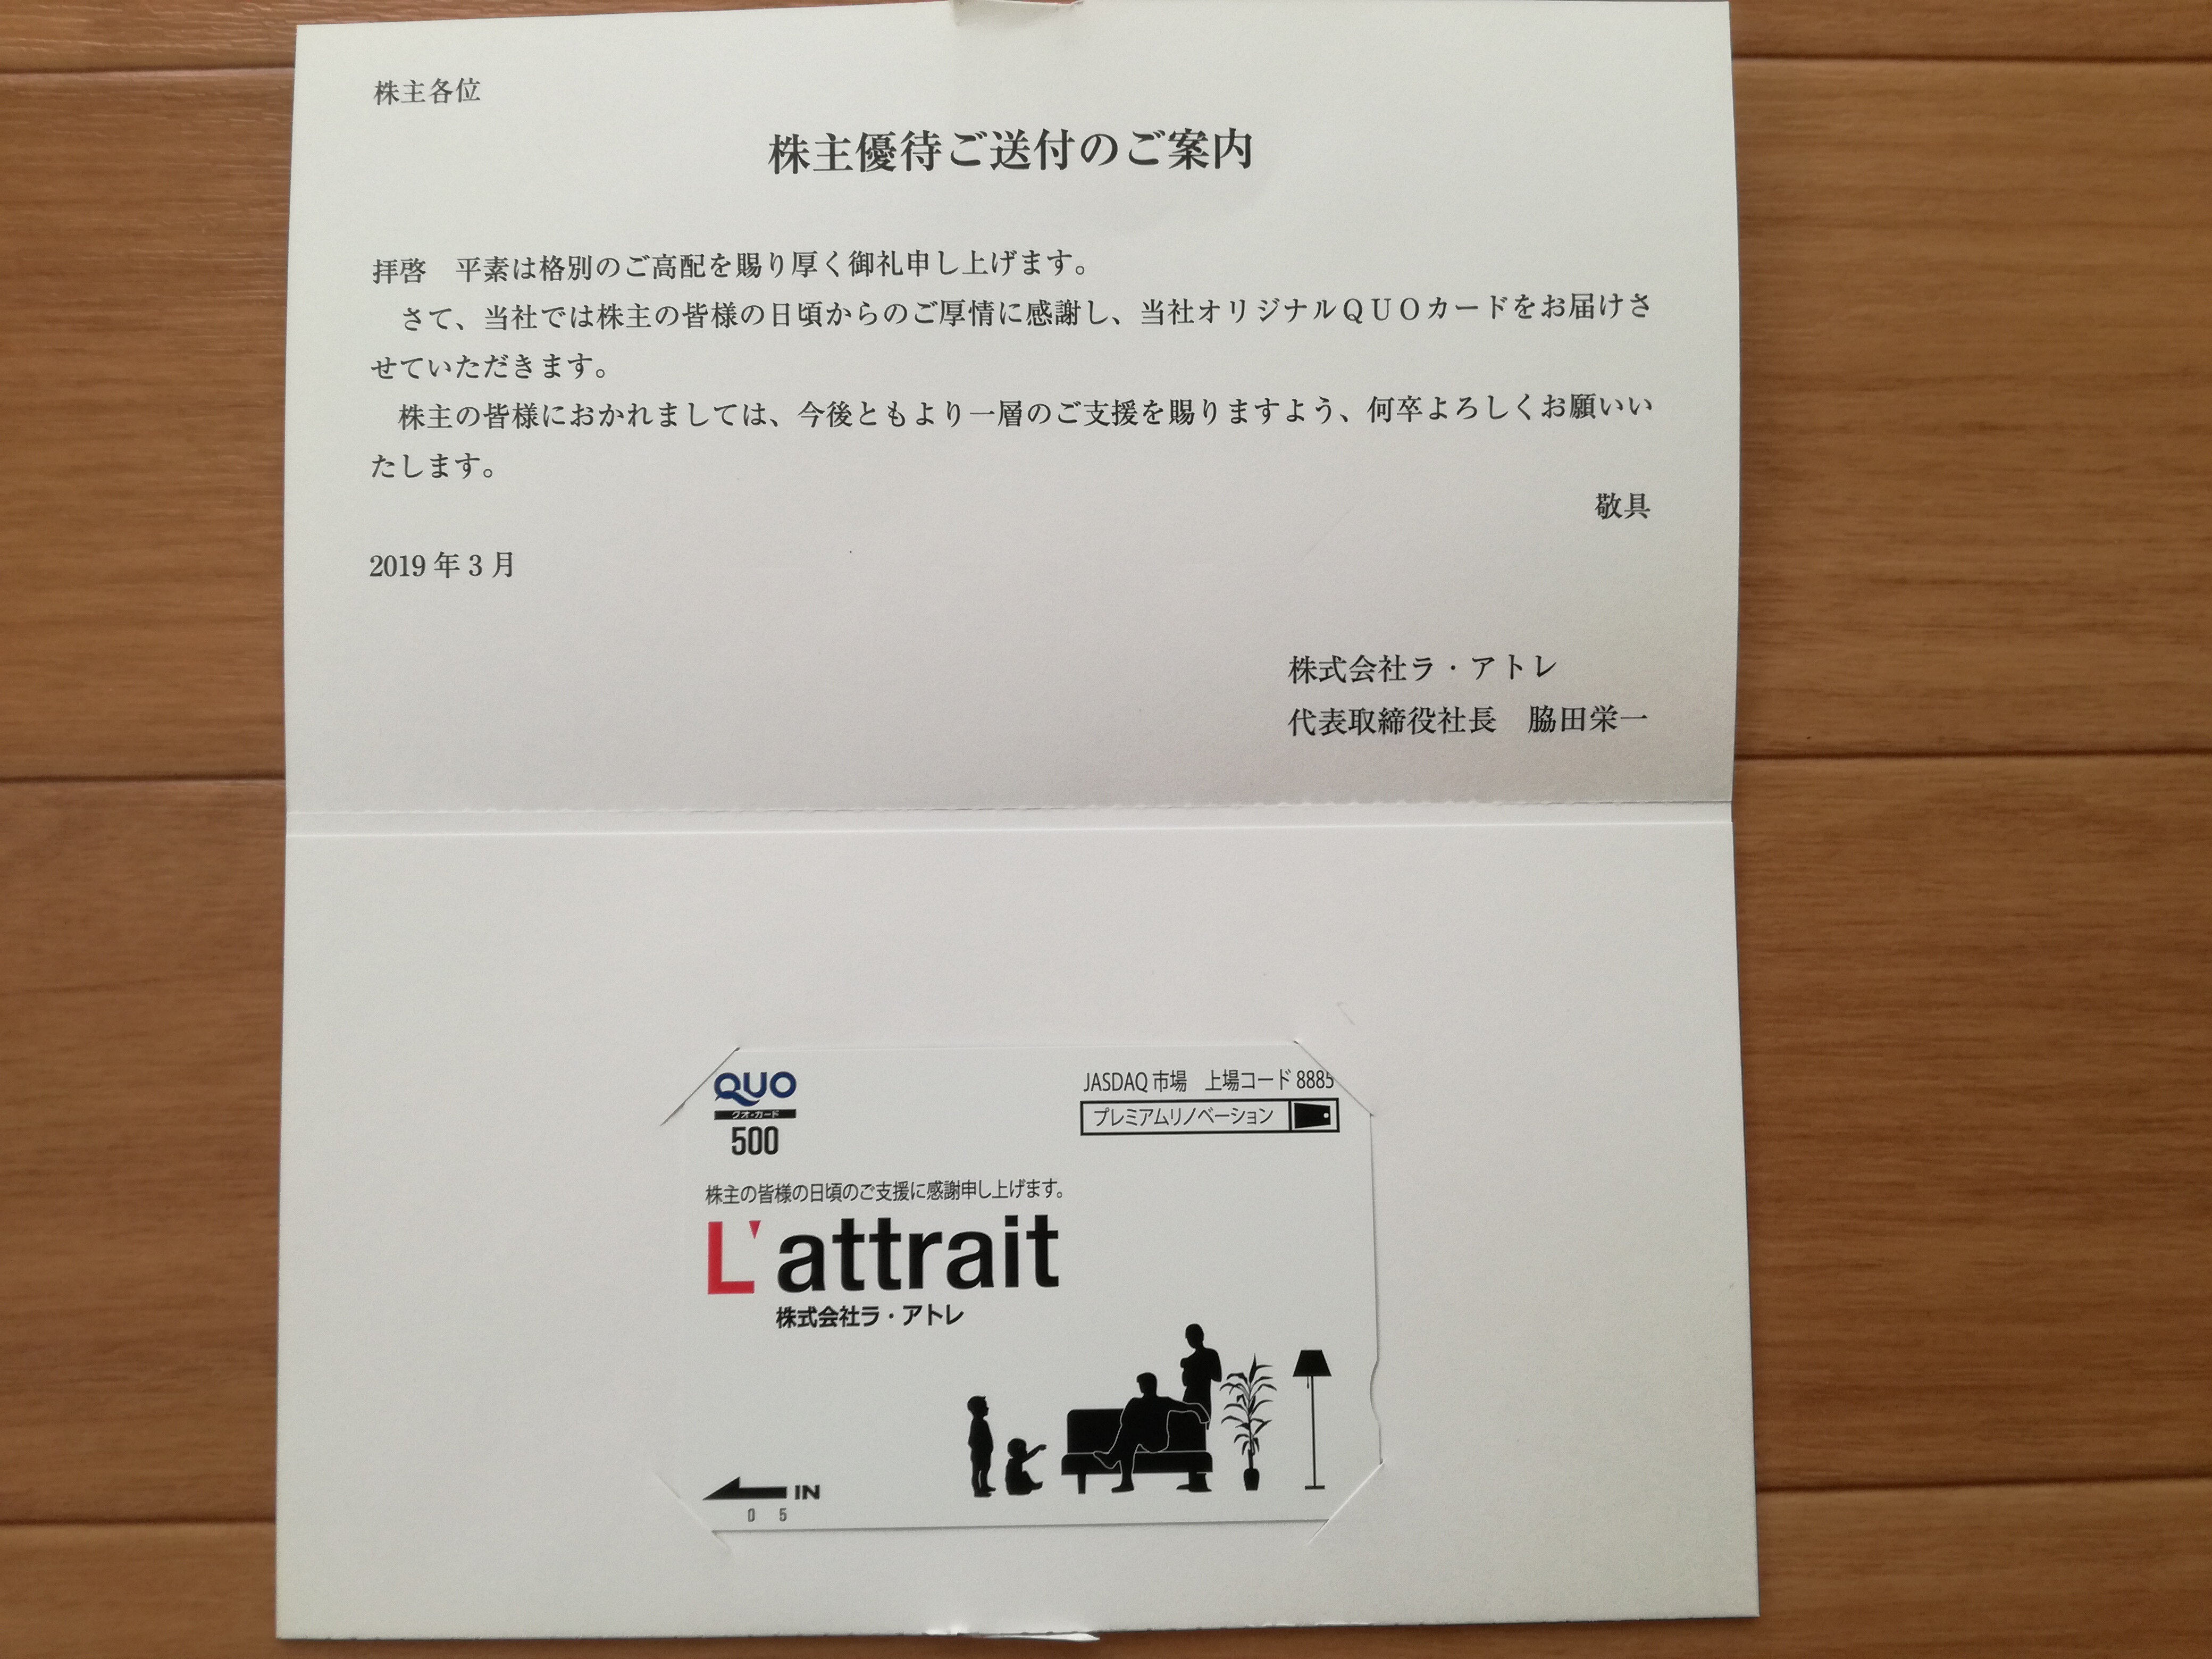 連続増配中のラ・アトレ(8885)から年2回の株主優待クオカード500円が到着!